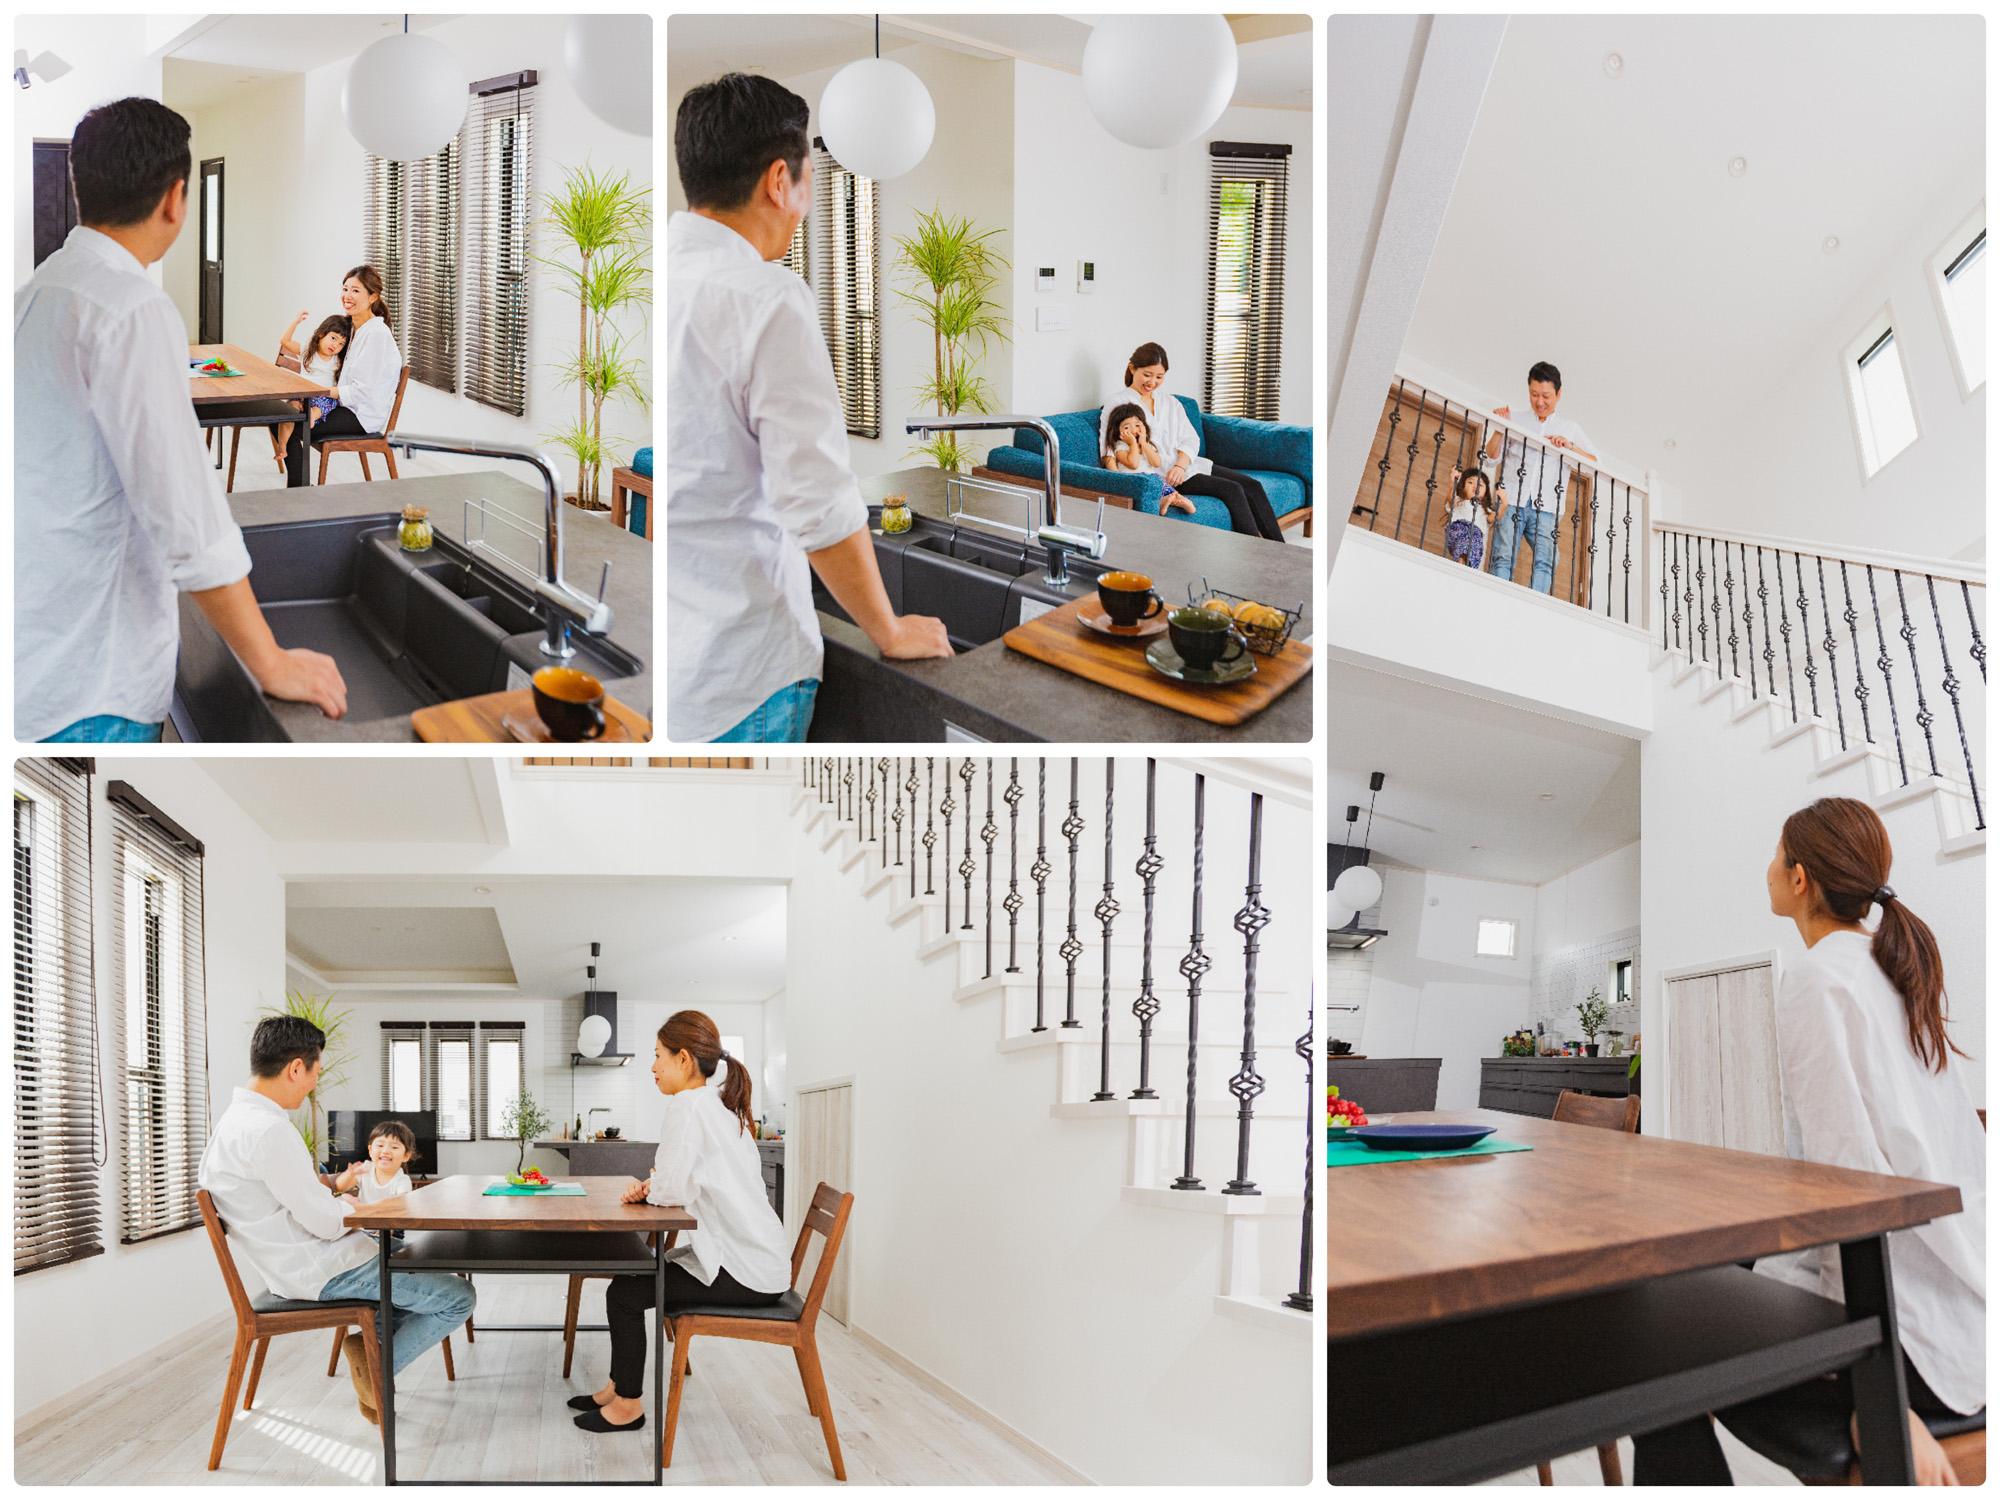 キッチンを中心にリビング、ダイニングの家族とも気軽にコミュニケーションが可能。大きな吹き抜けがあるので2階との繋がり感も◎。